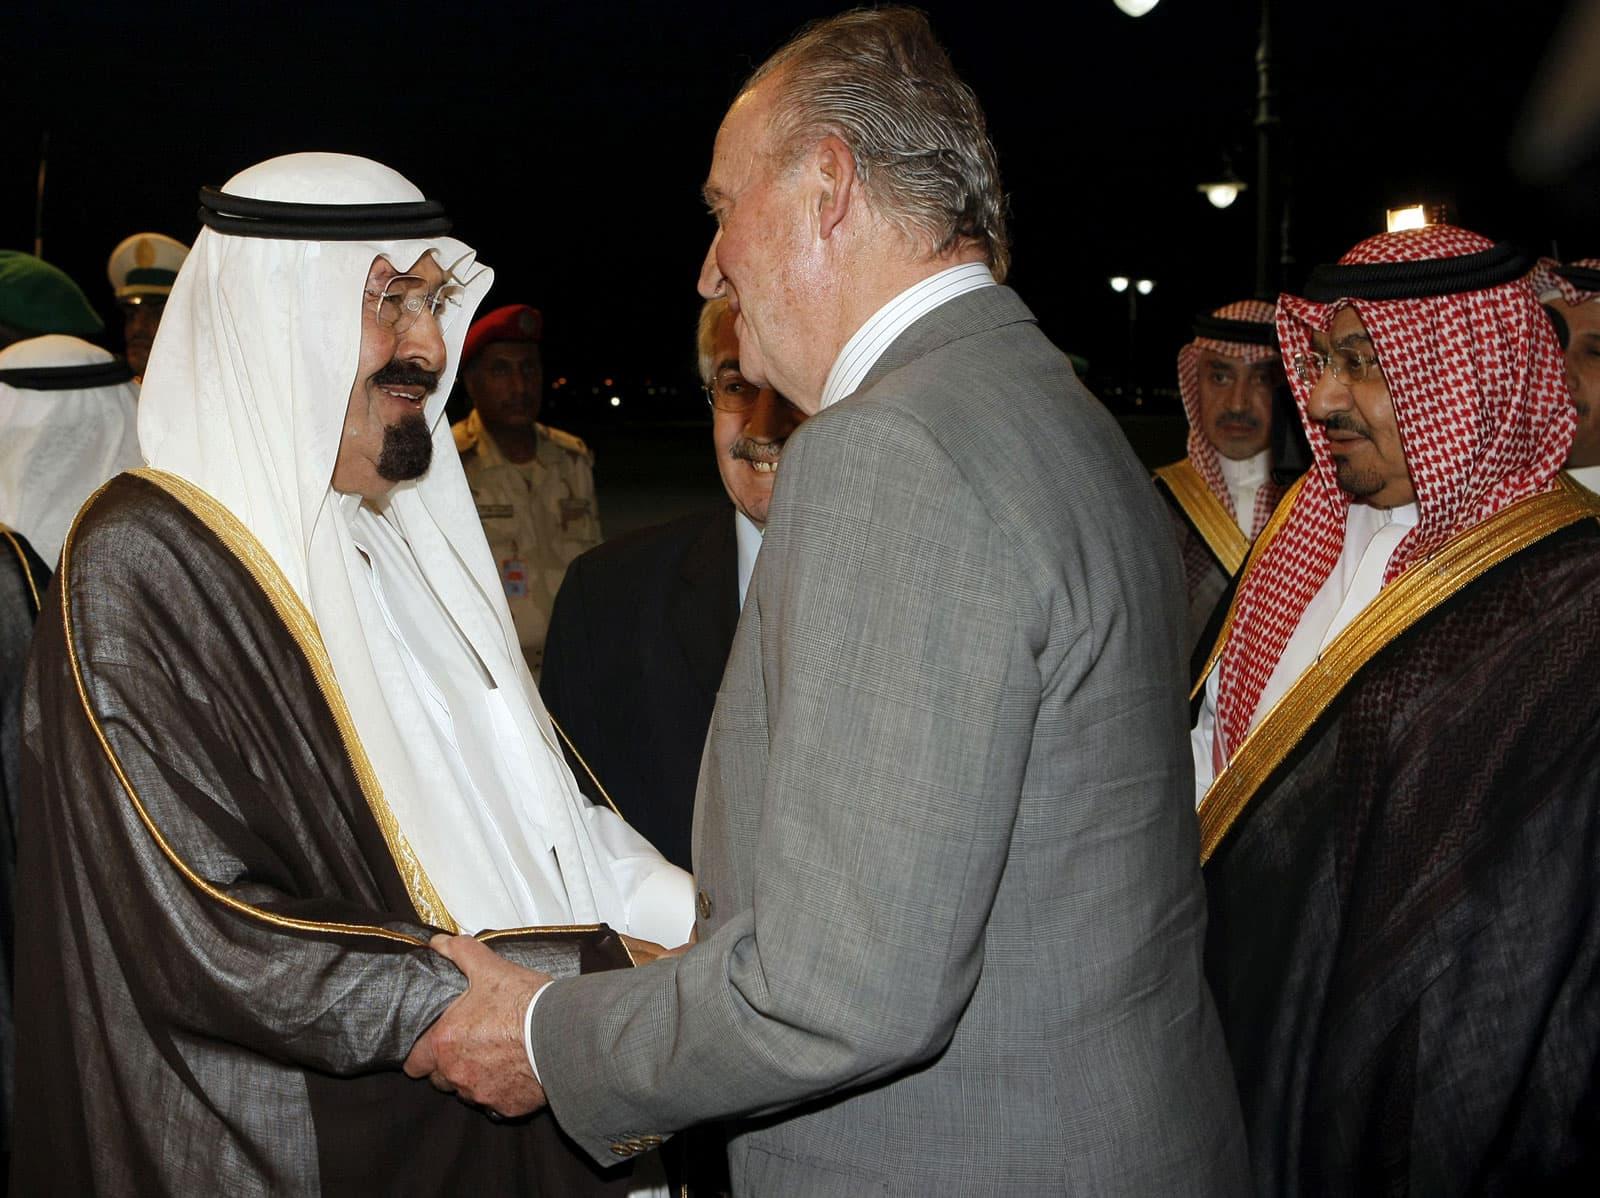 El rei d'Aràbia Abdalá bin Abdelaziz rep a Joan Carles I a l'aeroport de Jedà el 2008. Fotografia de Ballesteros/Efe